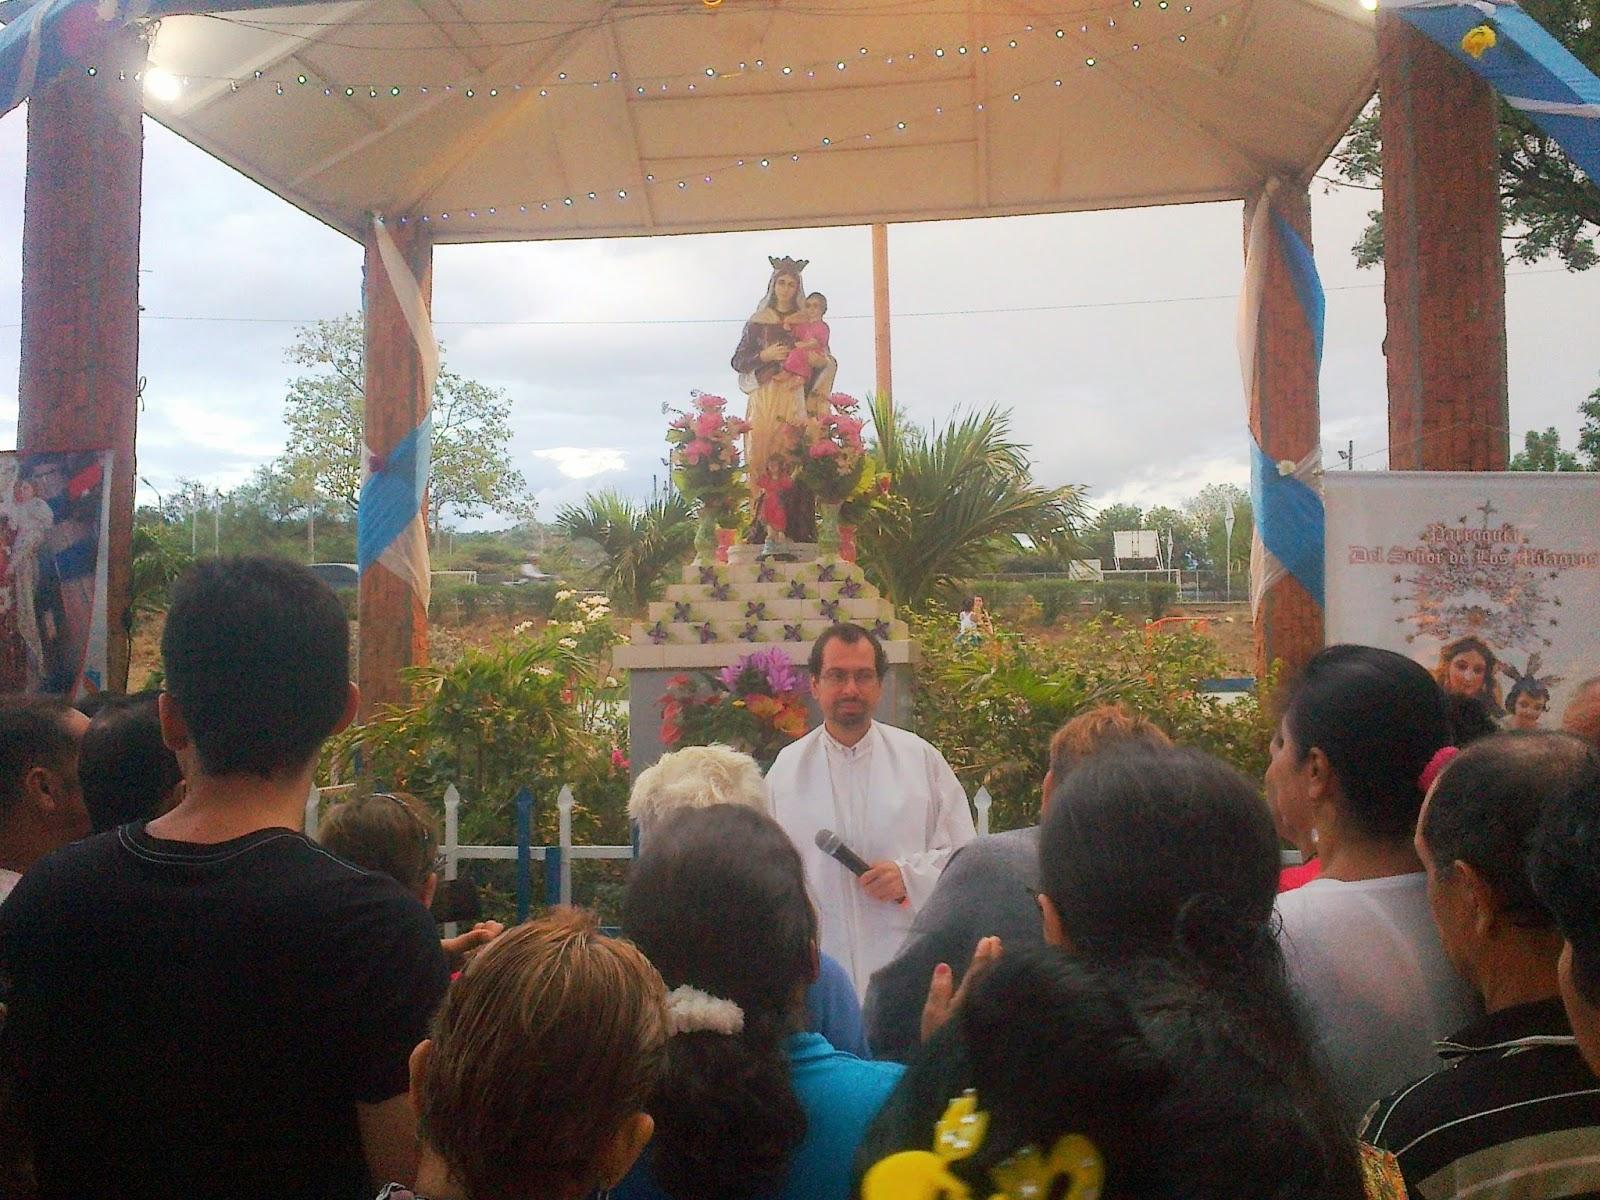 Padre Neftalí Díaz bendice el agua, personas y vehículos en parque La Virgen de Comuneros Cúcuta. Foto Félix Contreras OngAE 16Julio2014